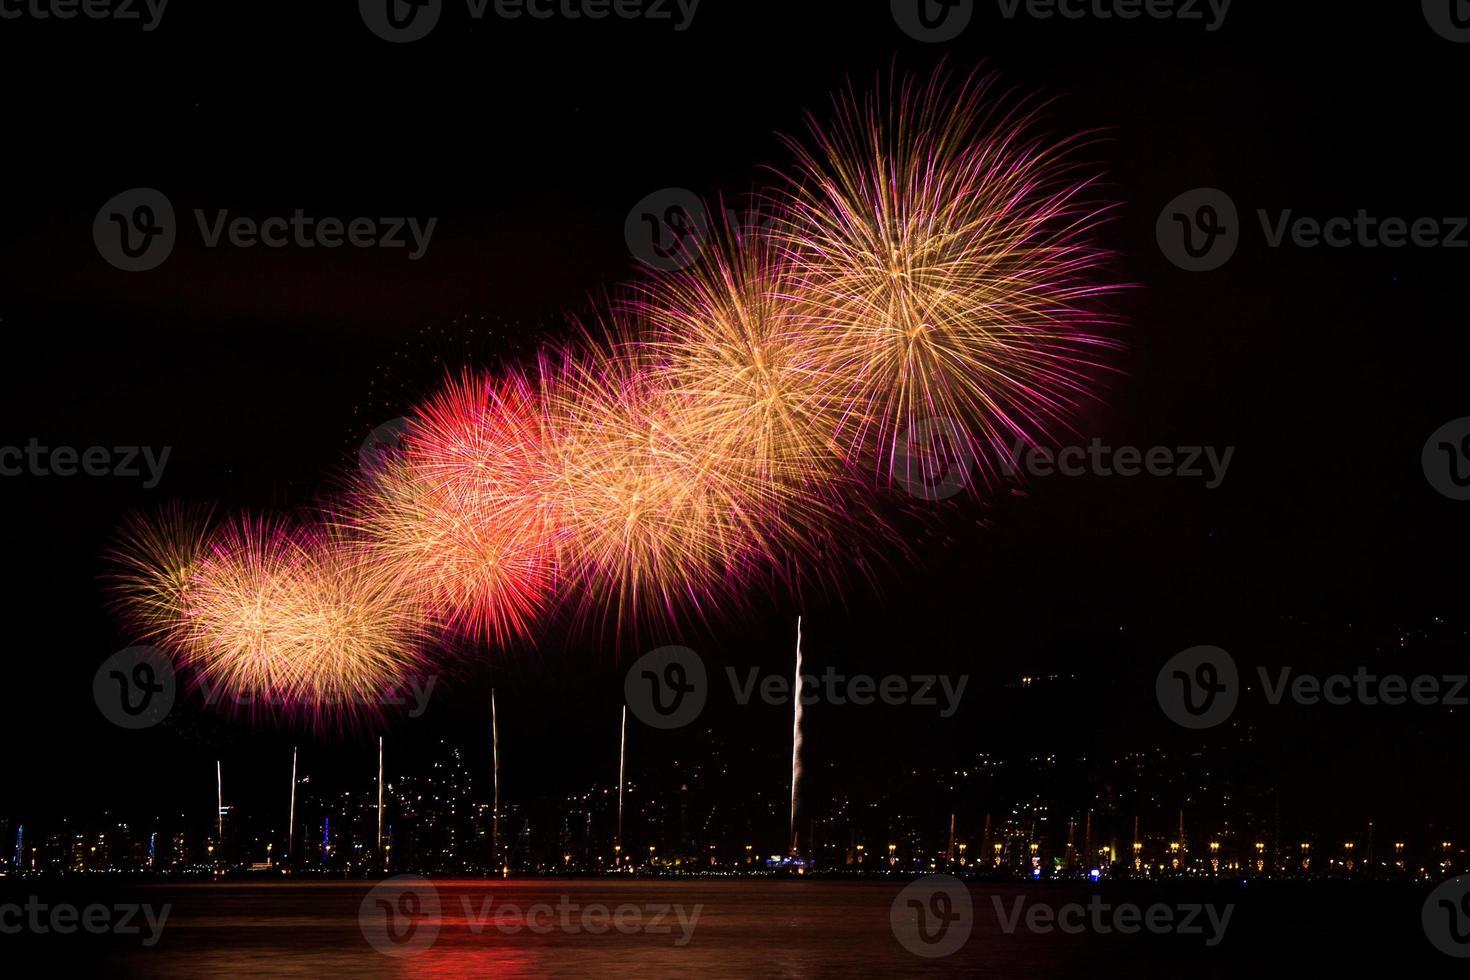 nieuwjaars vuurwerk foto